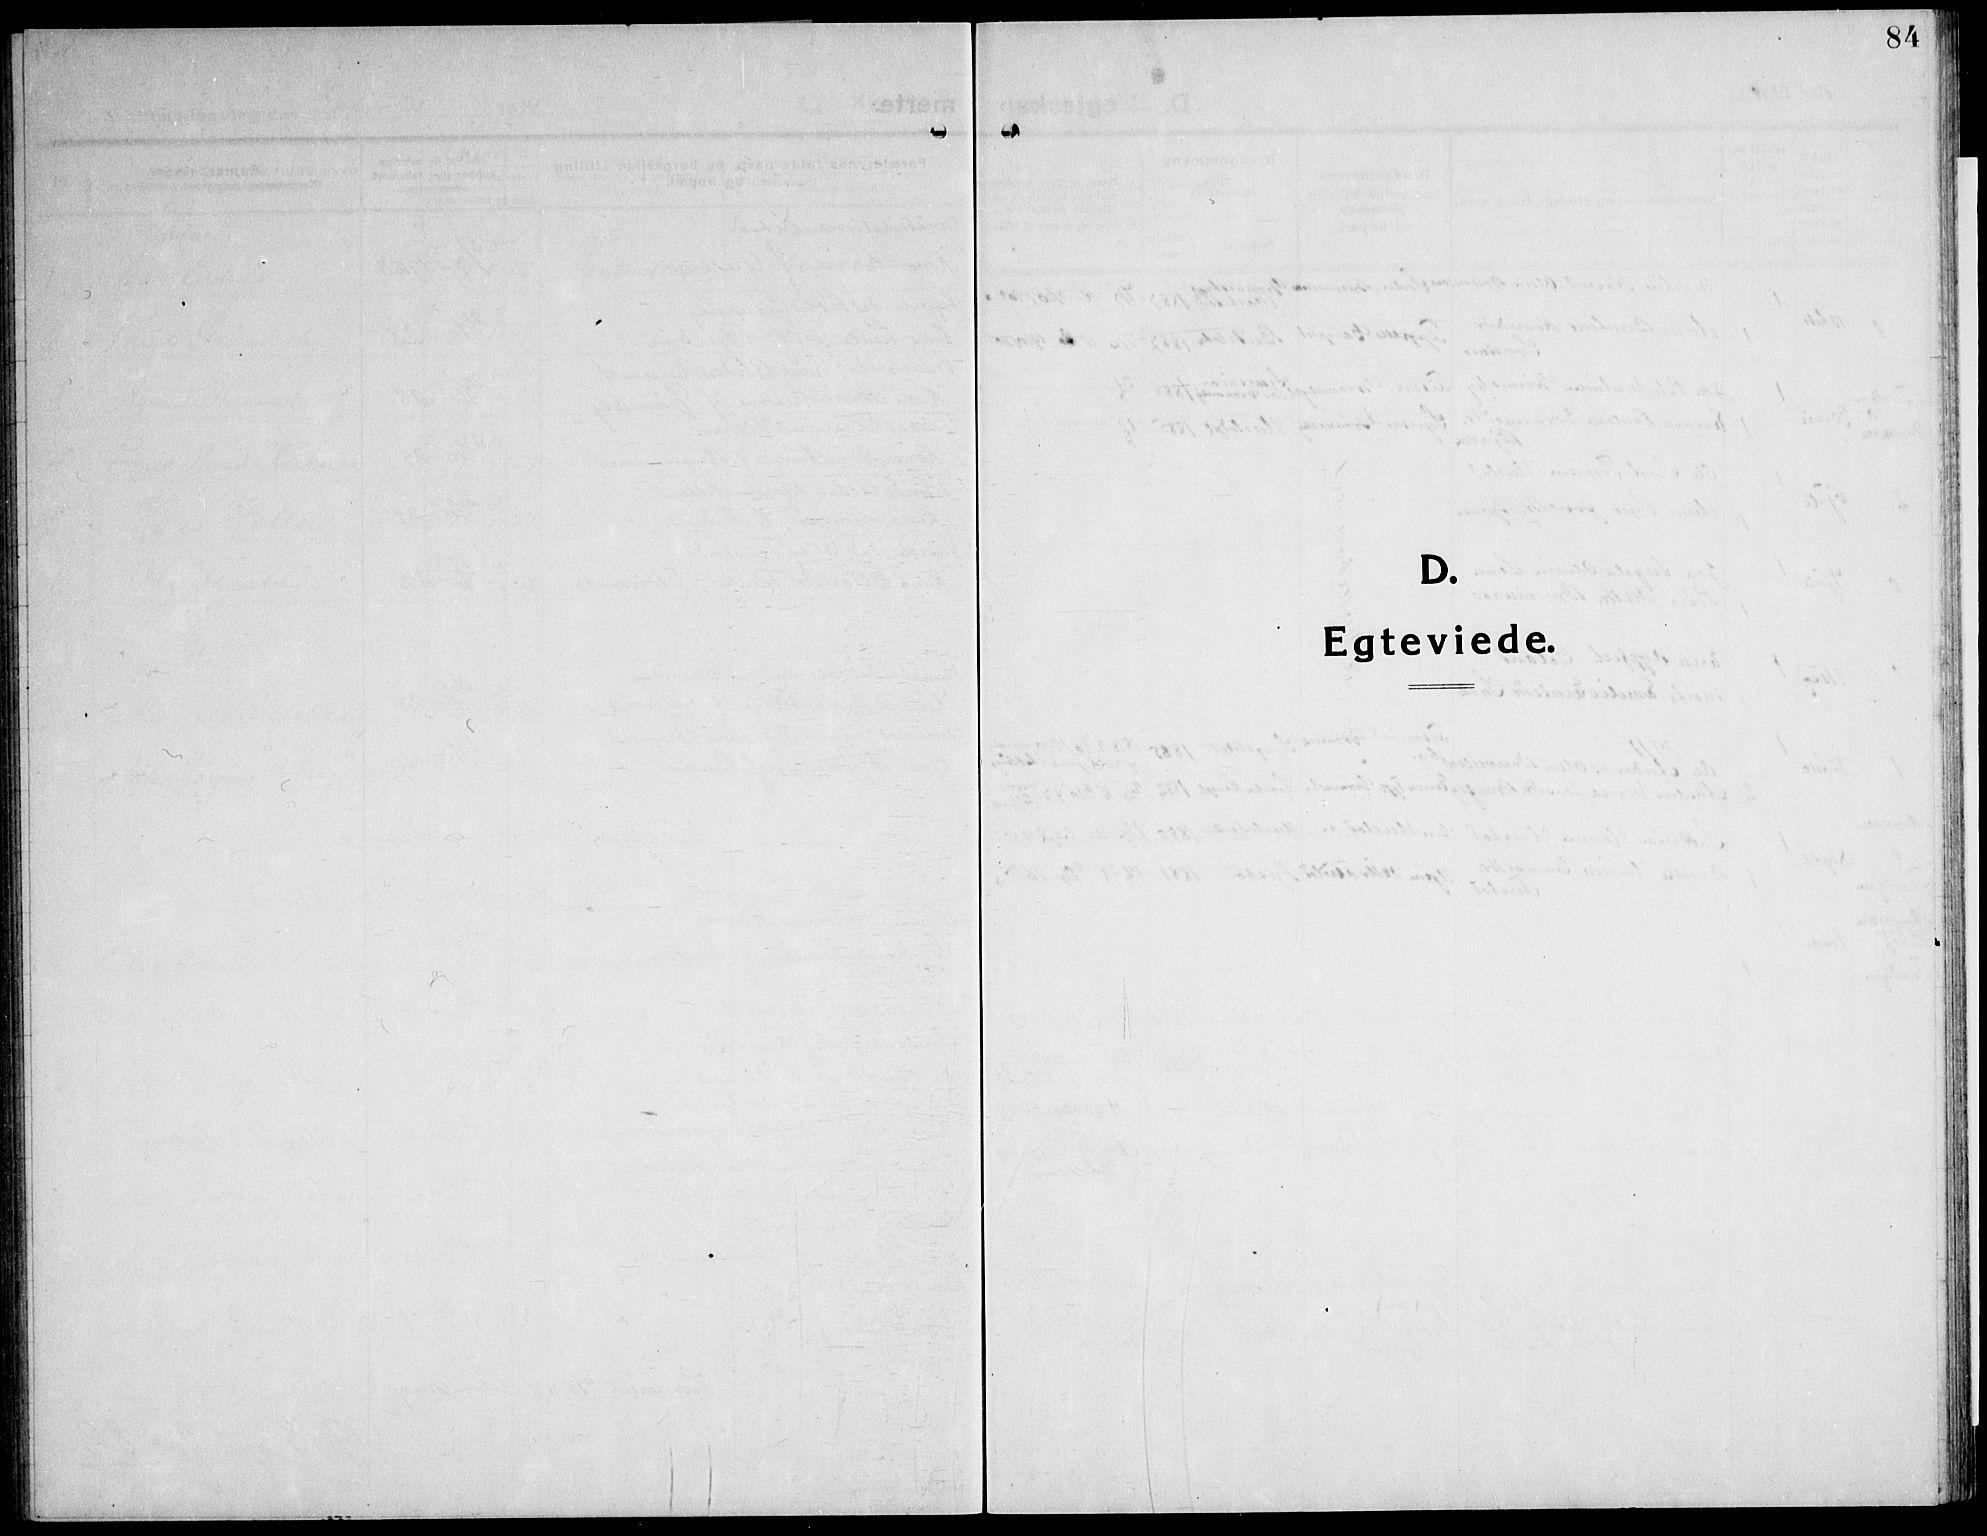 SAT, Ministerialprotokoller, klokkerbøker og fødselsregistre - Nord-Trøndelag, 732/L0319: Parish register (copy) no. 732C03, 1911-1945, p. 84